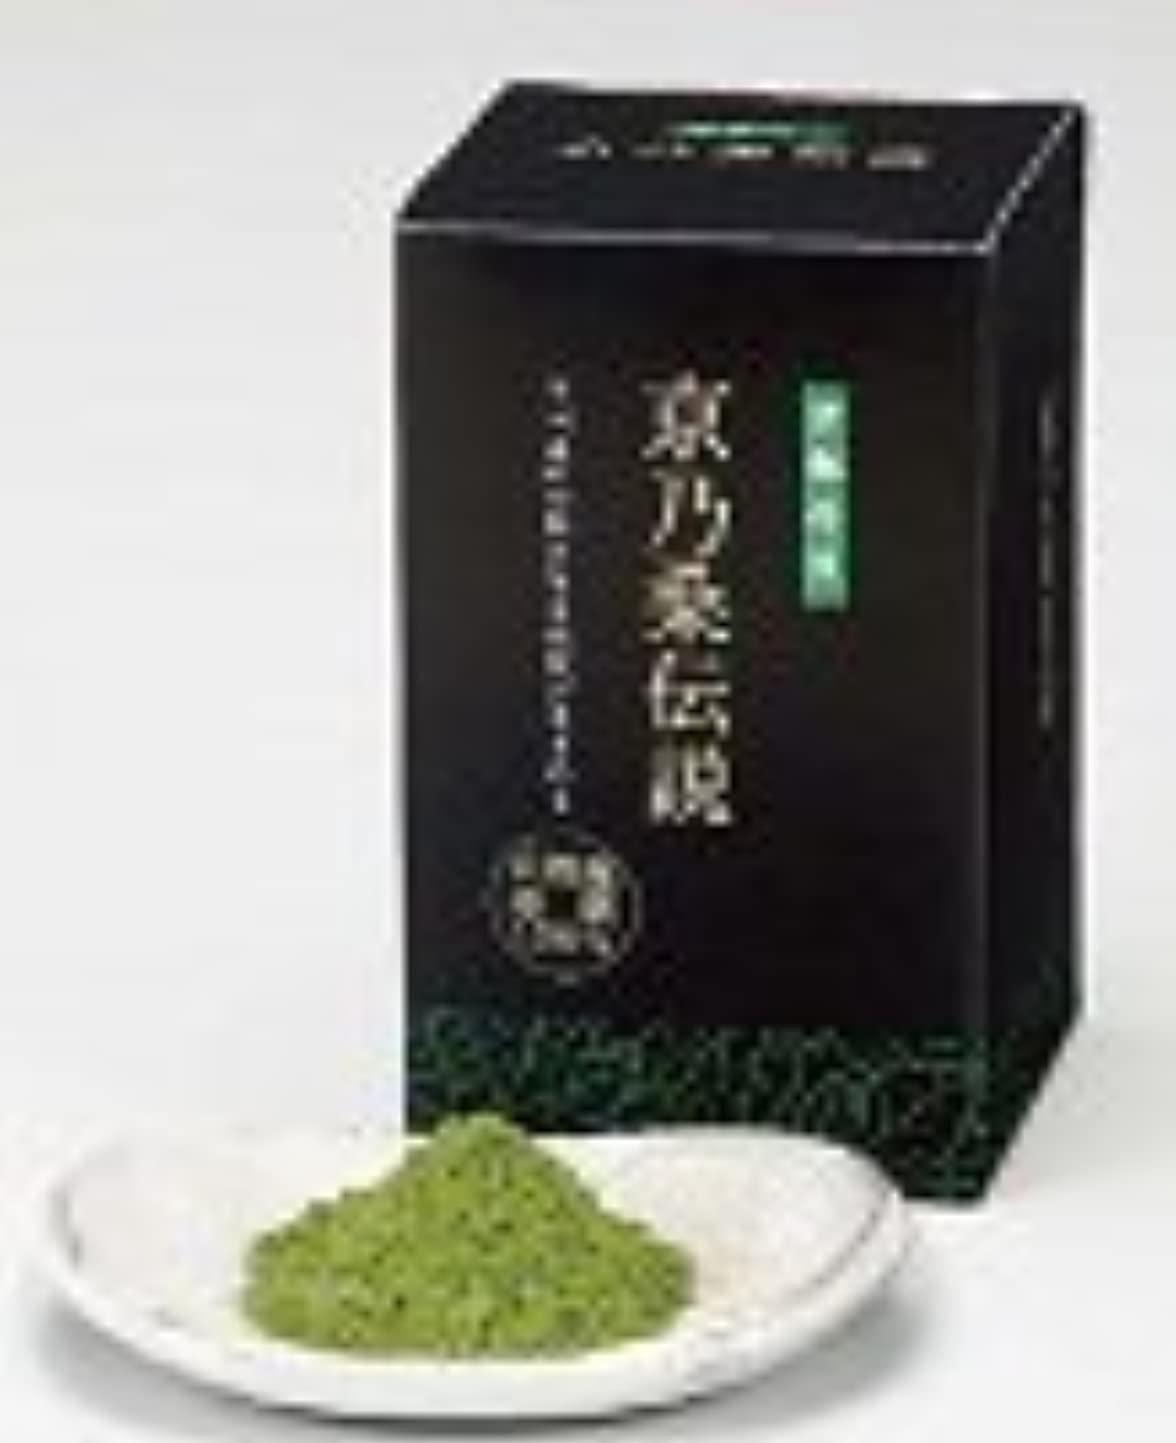 京乃桑伝説(桑の葉粉茶、青汁)30袋入り 2箱まとめ買い